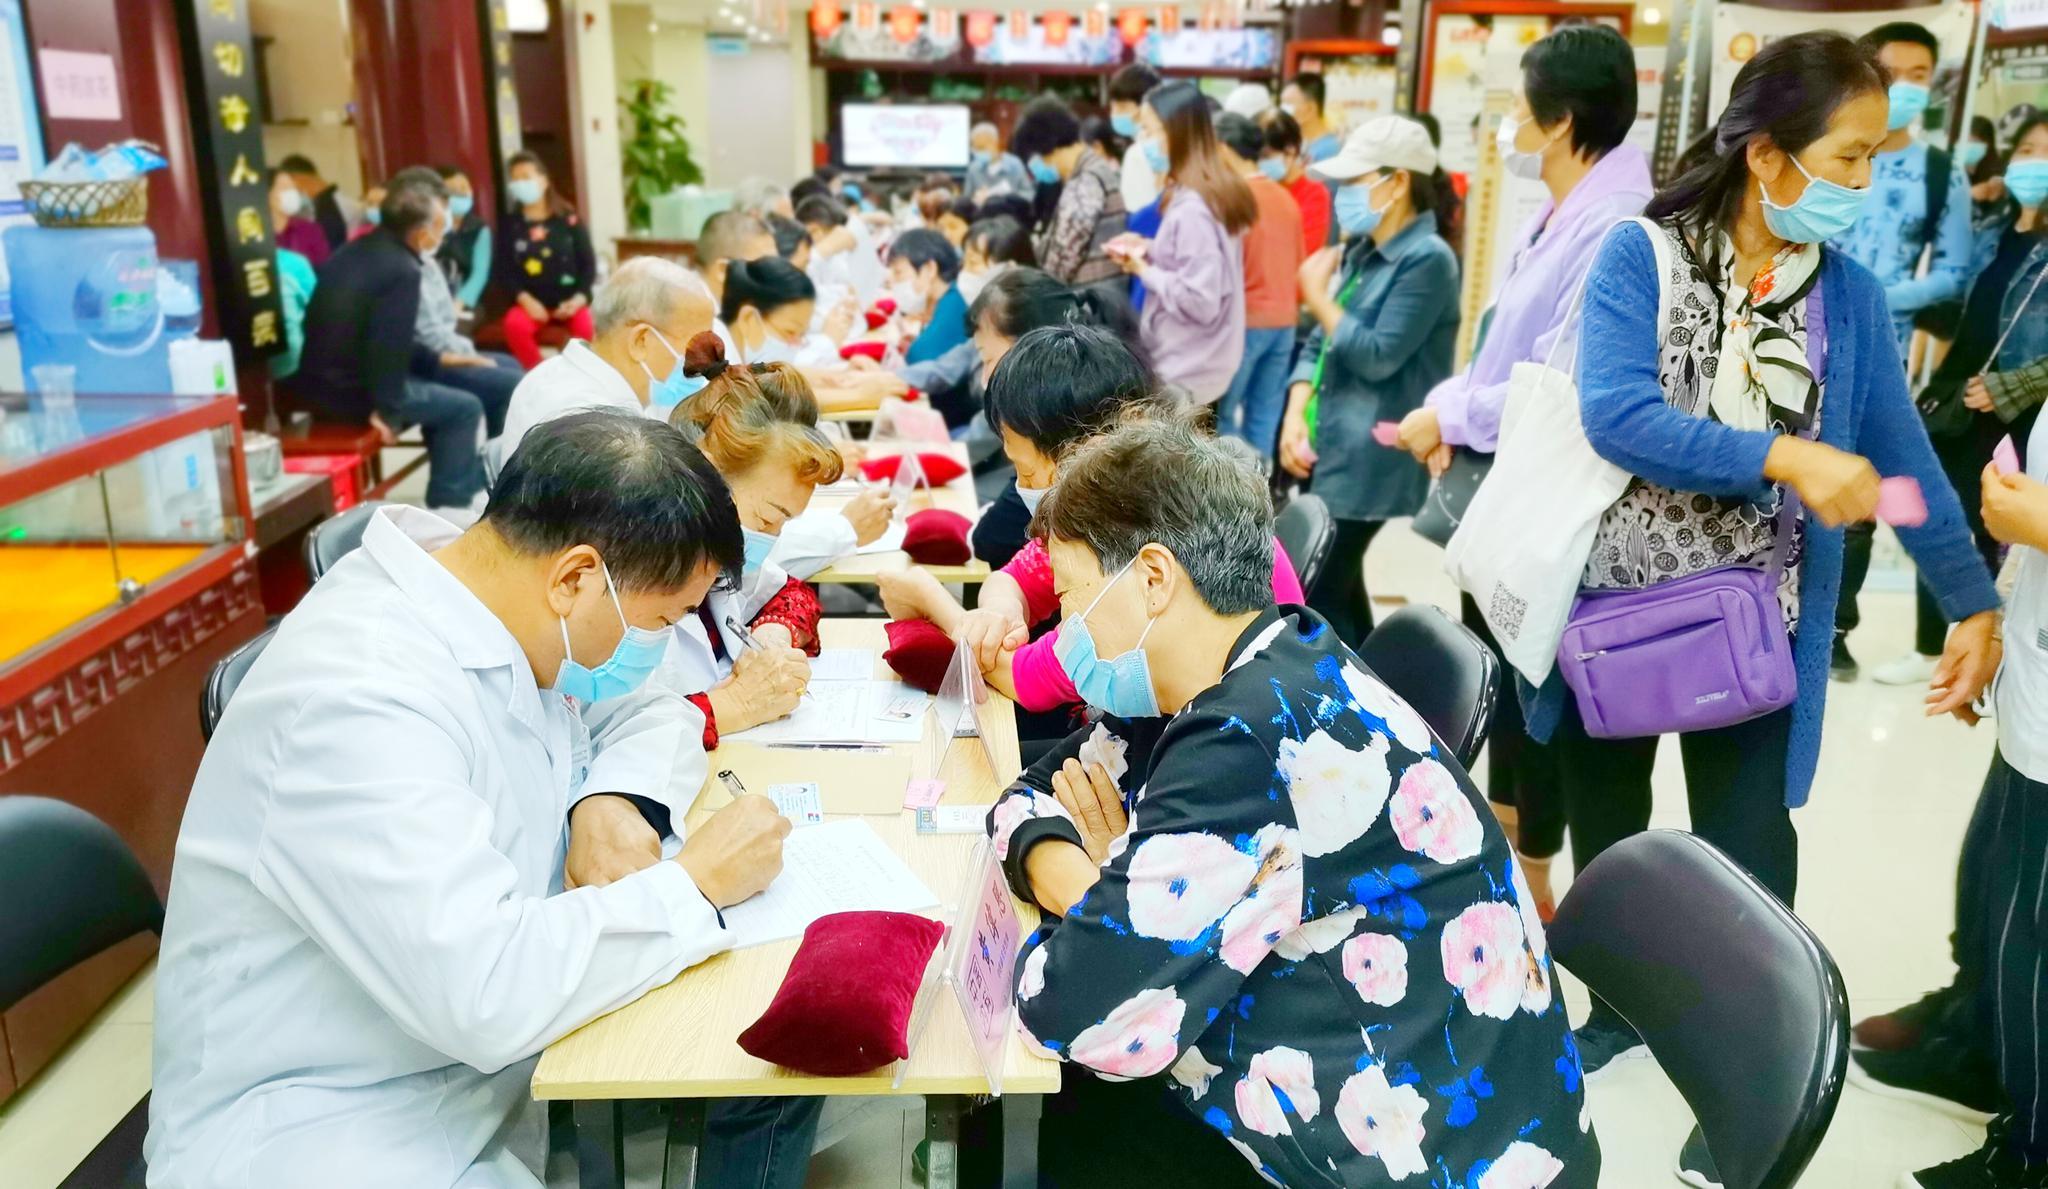 厦门举办冬季养生科普文化义诊活动 30余位中医专家坐镇